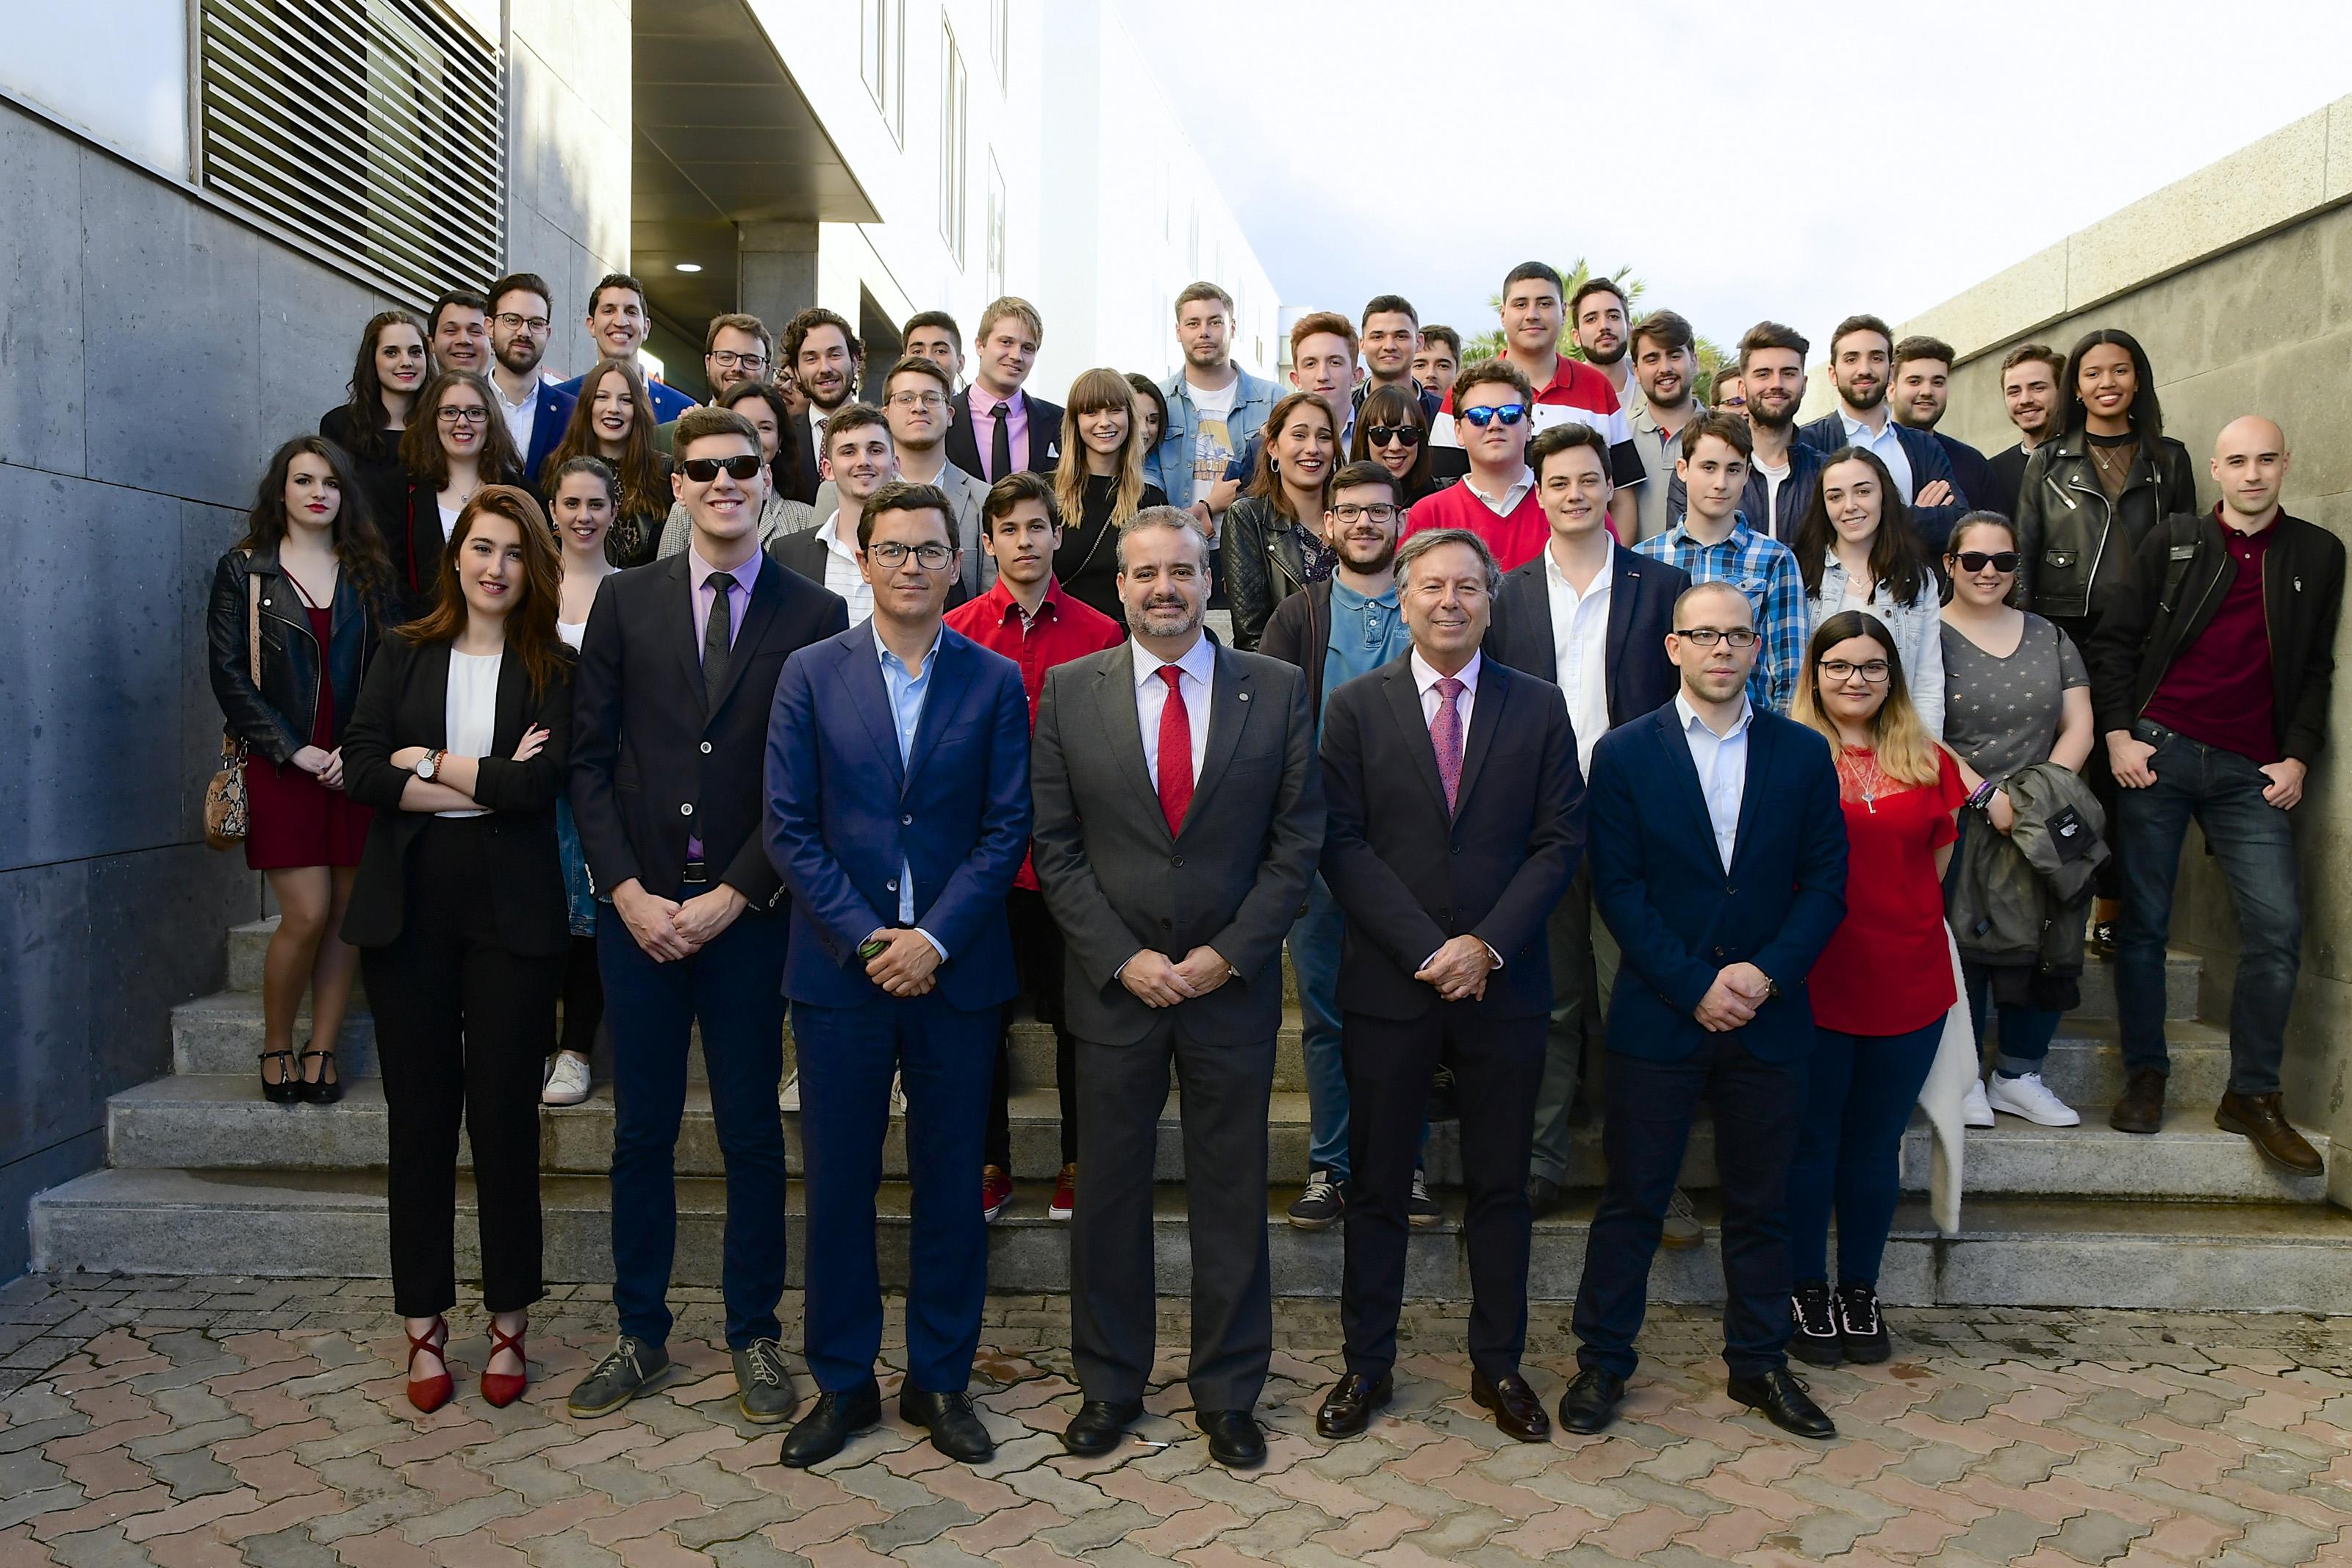 XLIV Congreso Nacional de la Asociación Española de Alumnos de Ciencias Económicas y Empresariales